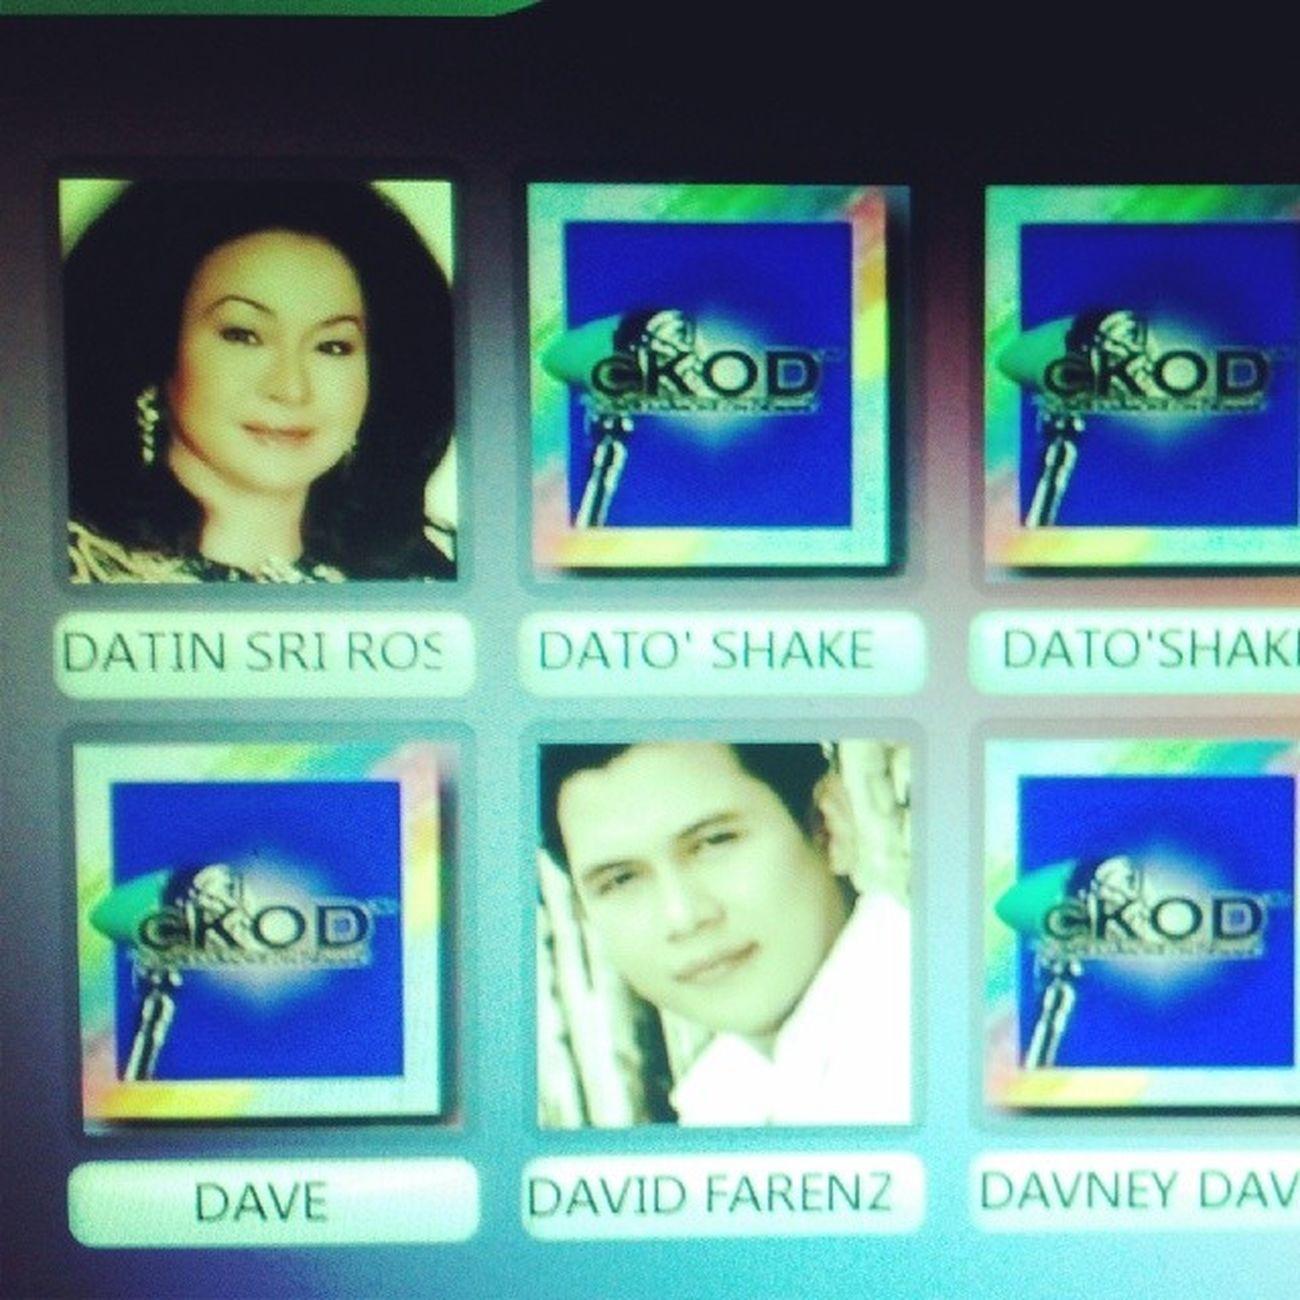 Look who I met in Karaoke list! Ok kensel karaoke. Ini semua tanda2 utk quit karaoke ni. Lol. BikMama